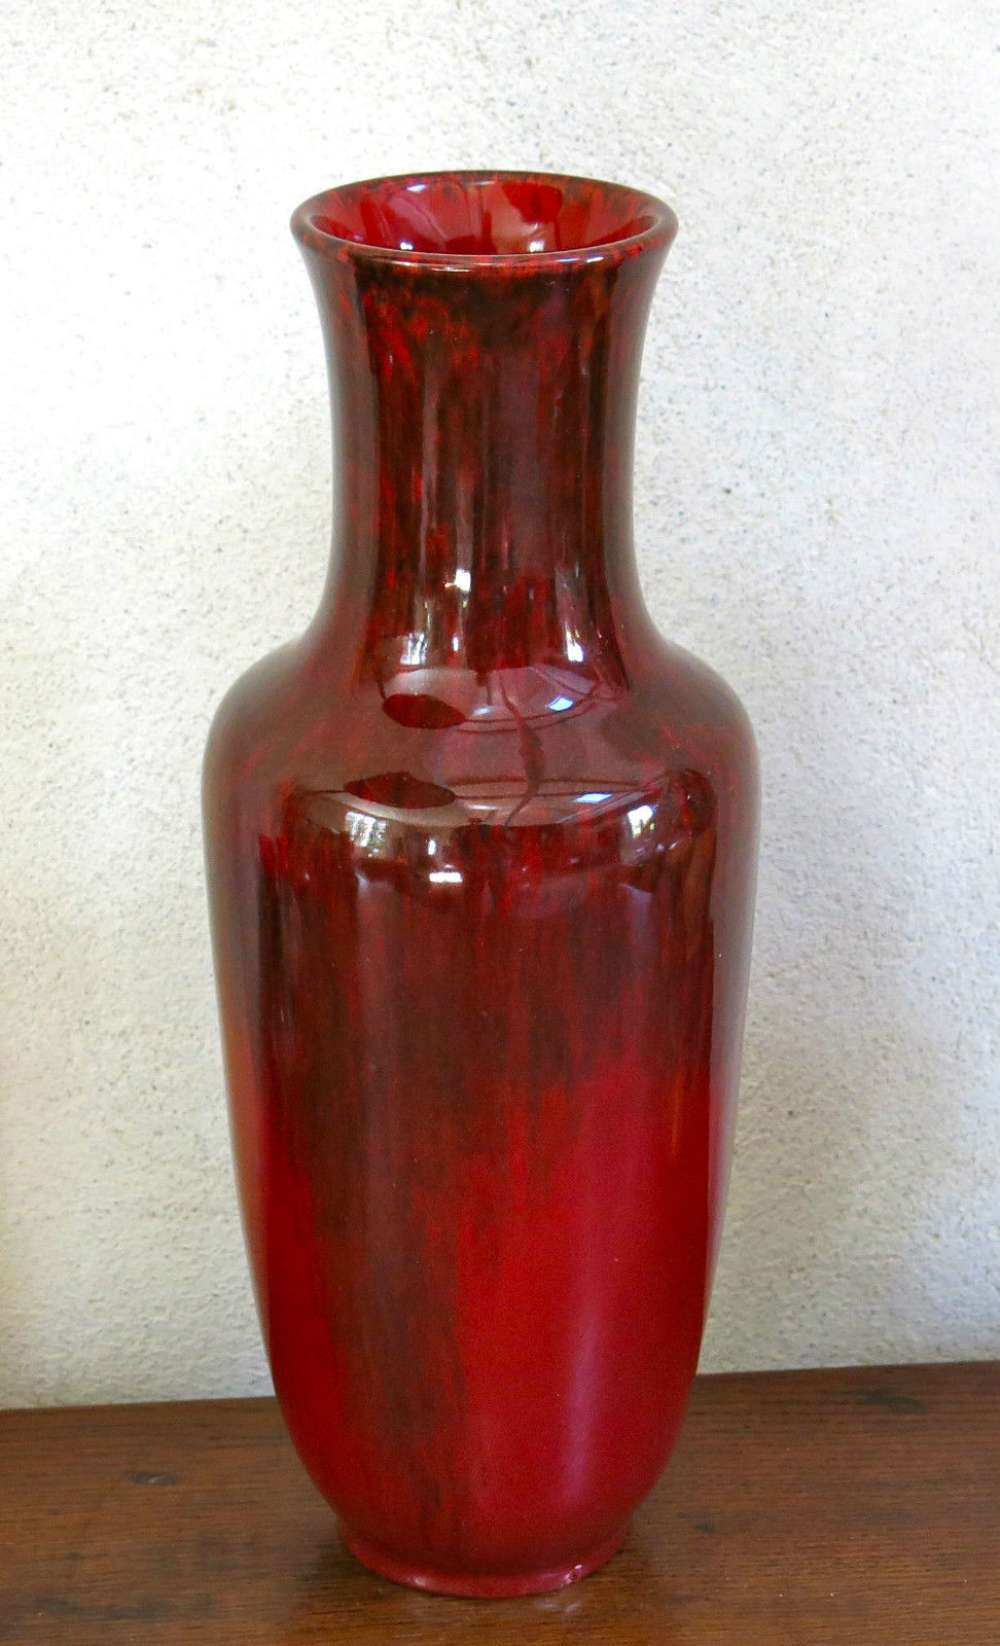 Le march biron tr s beau vase rouge sang de boeuf - Couleur rouge sang de boeuf ...